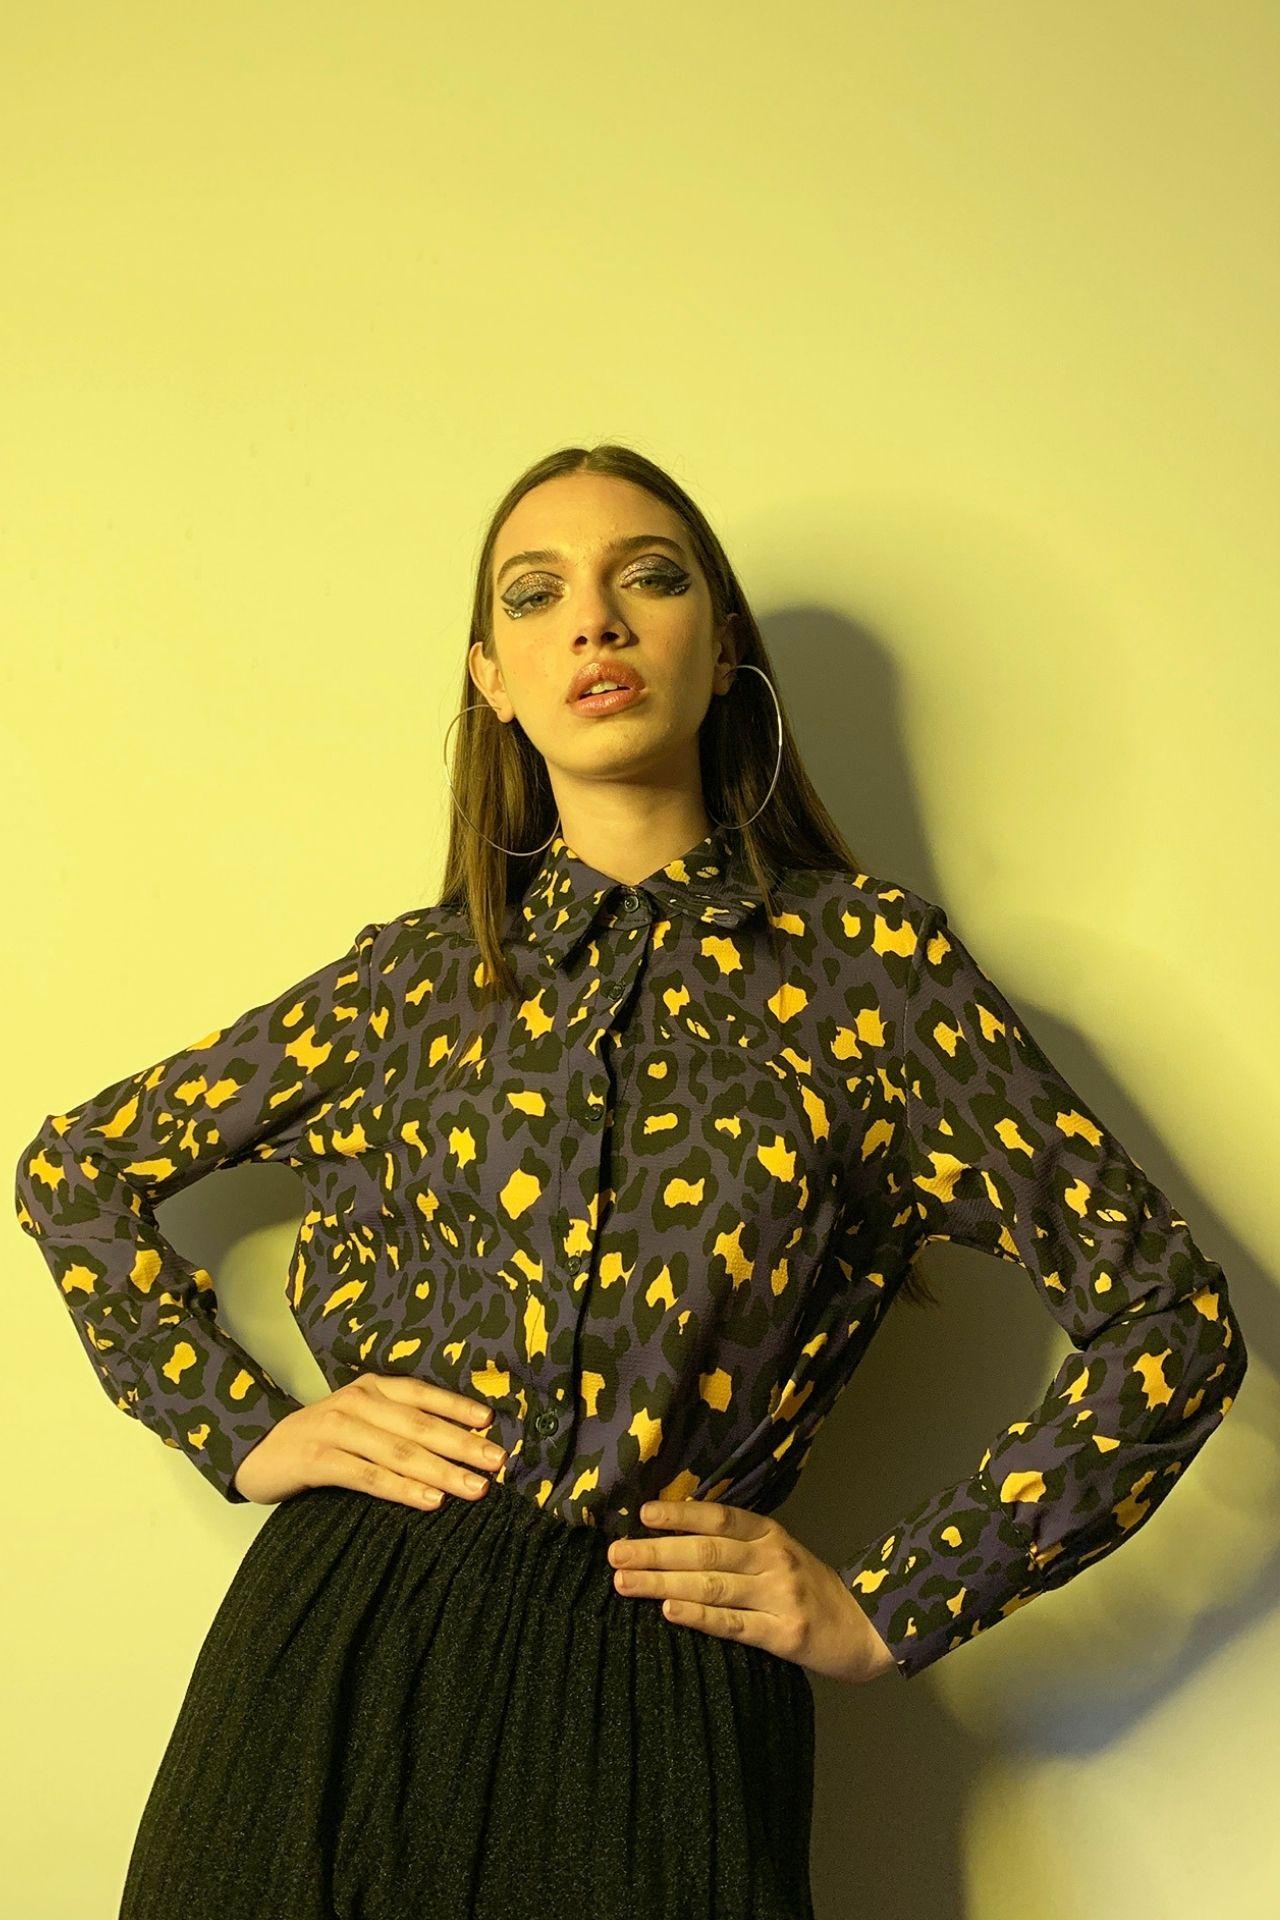 Camisa con botones en gasa estampado leopardo en contraste.  Detalles Sin forro Talla standard Made in Italy Material & cuidado 100% Poliester Lavar en agua tibia a mano  Medidas:  Cintura: 54 cm  Largo: 65 cm